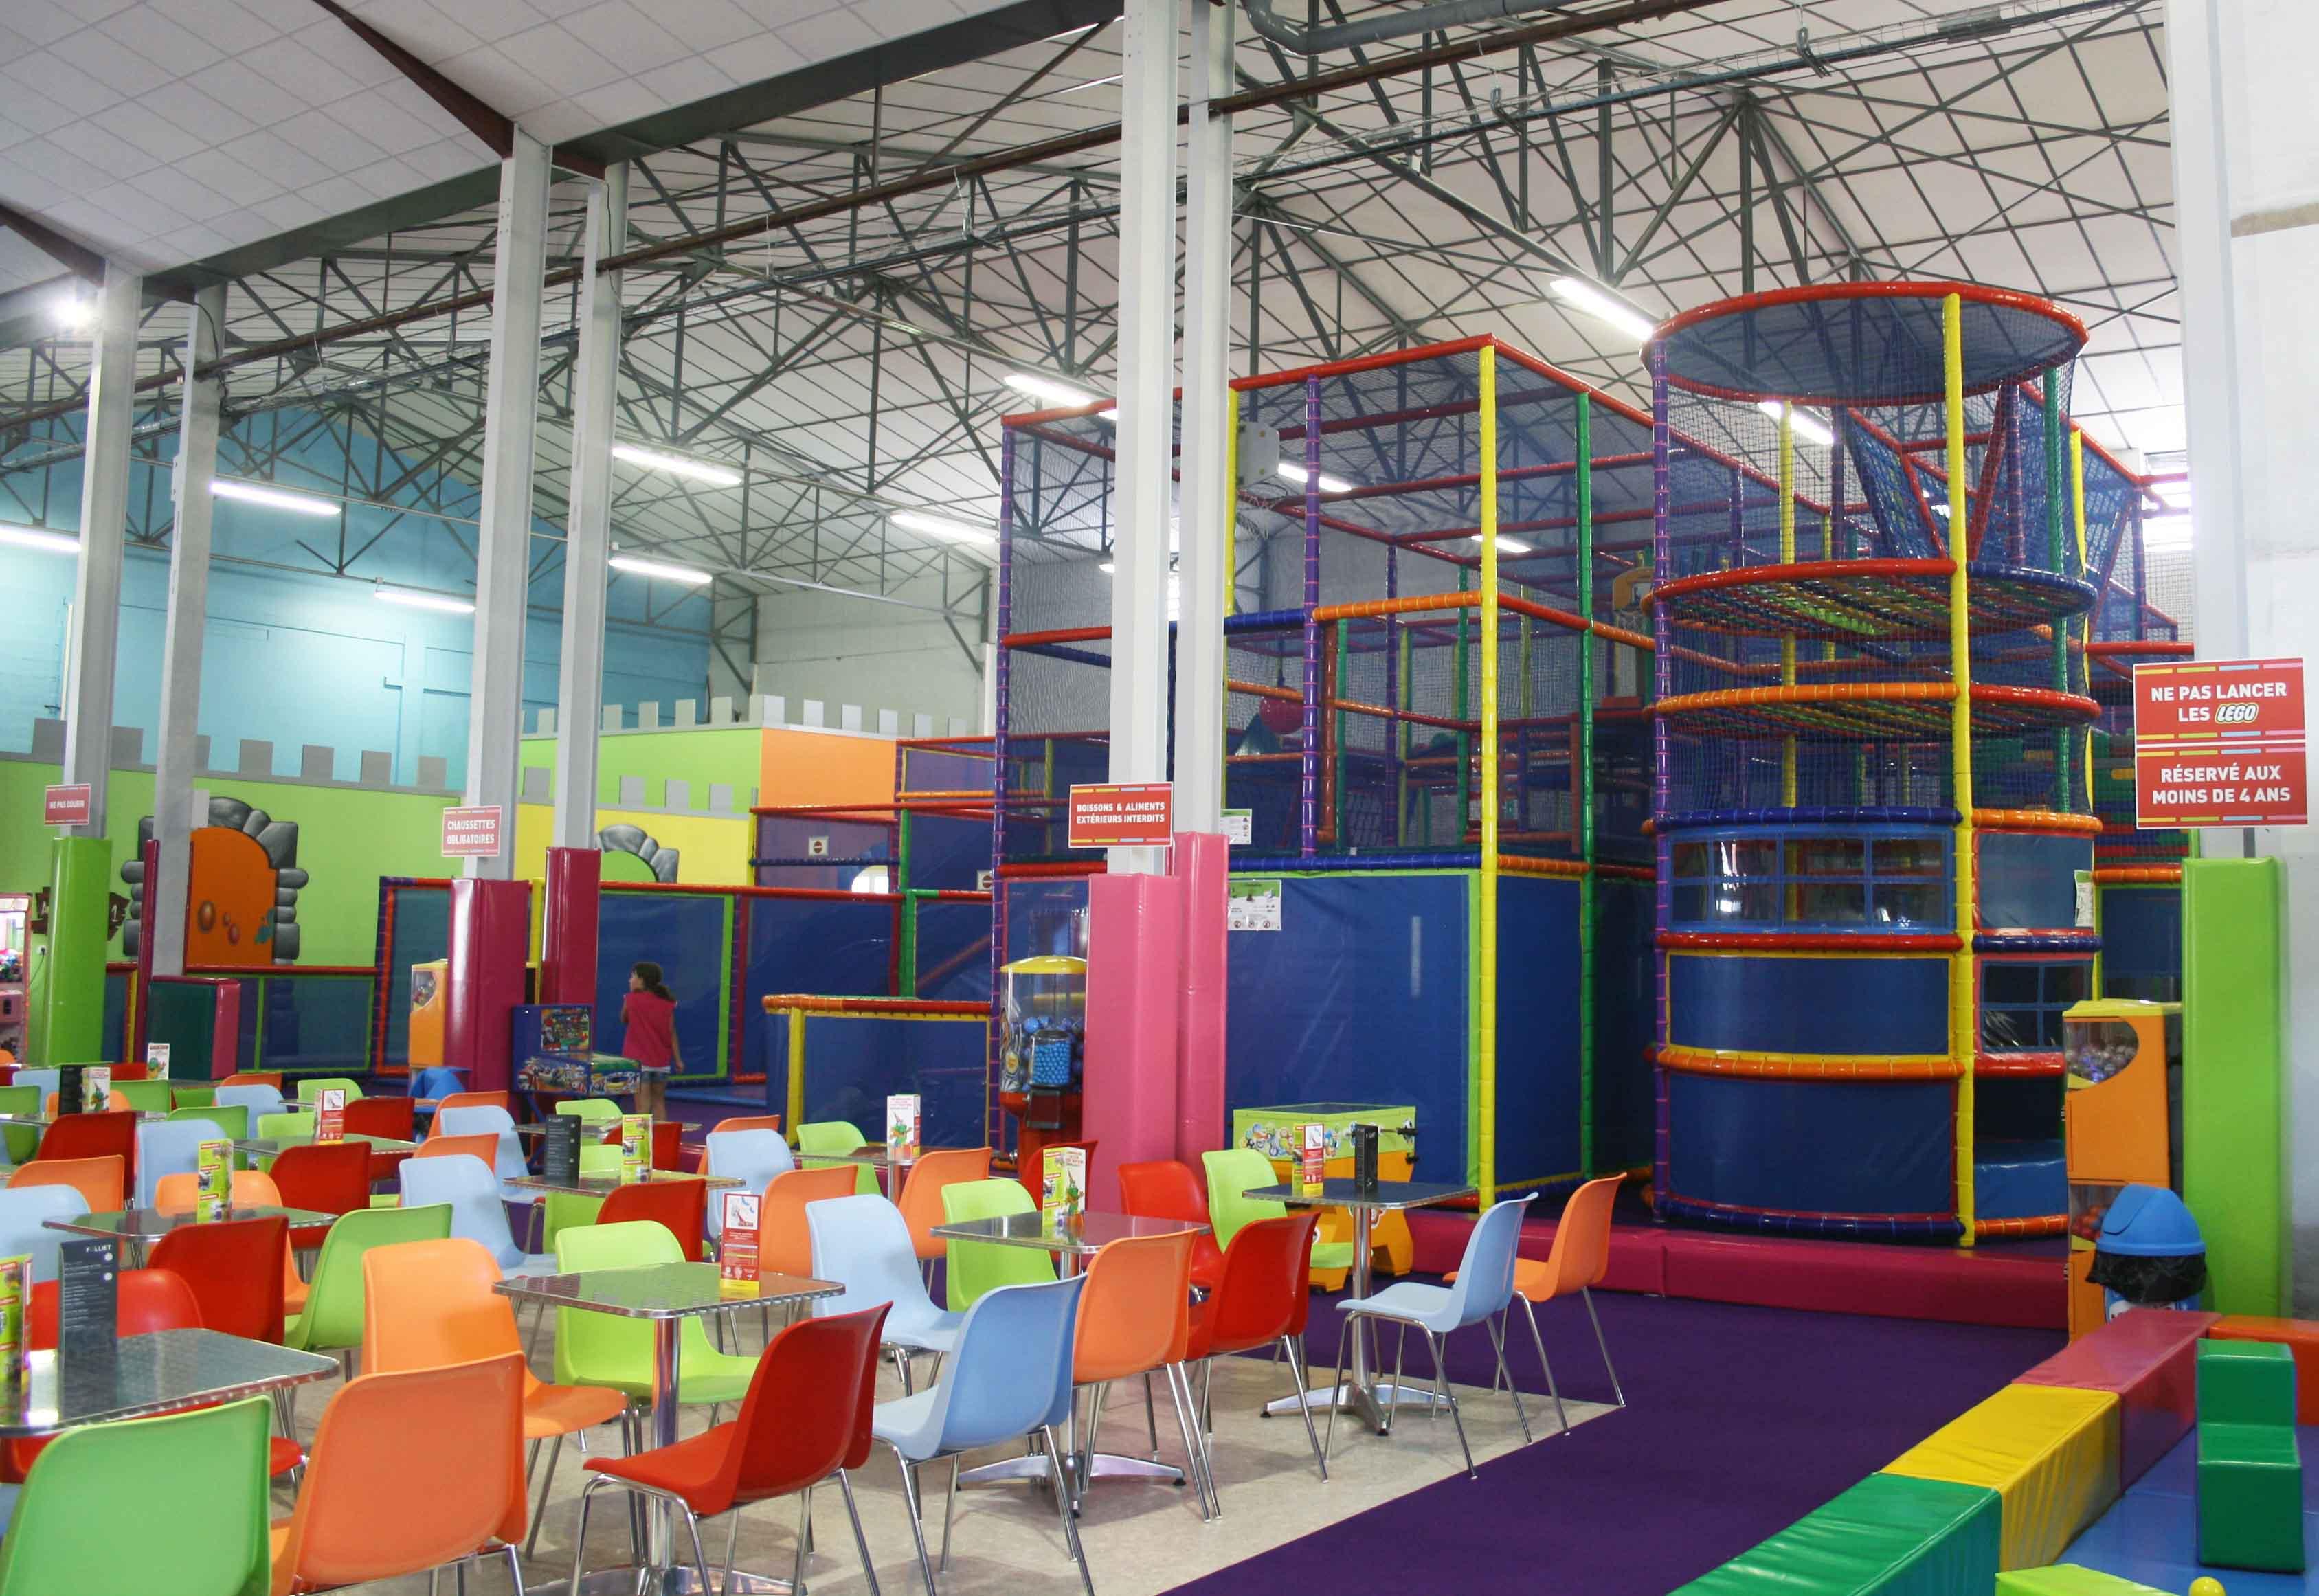 Icolandia instala en bayona un parque infantil agencia de noticias p gina 11557 - Parques infantiles interior precios ...